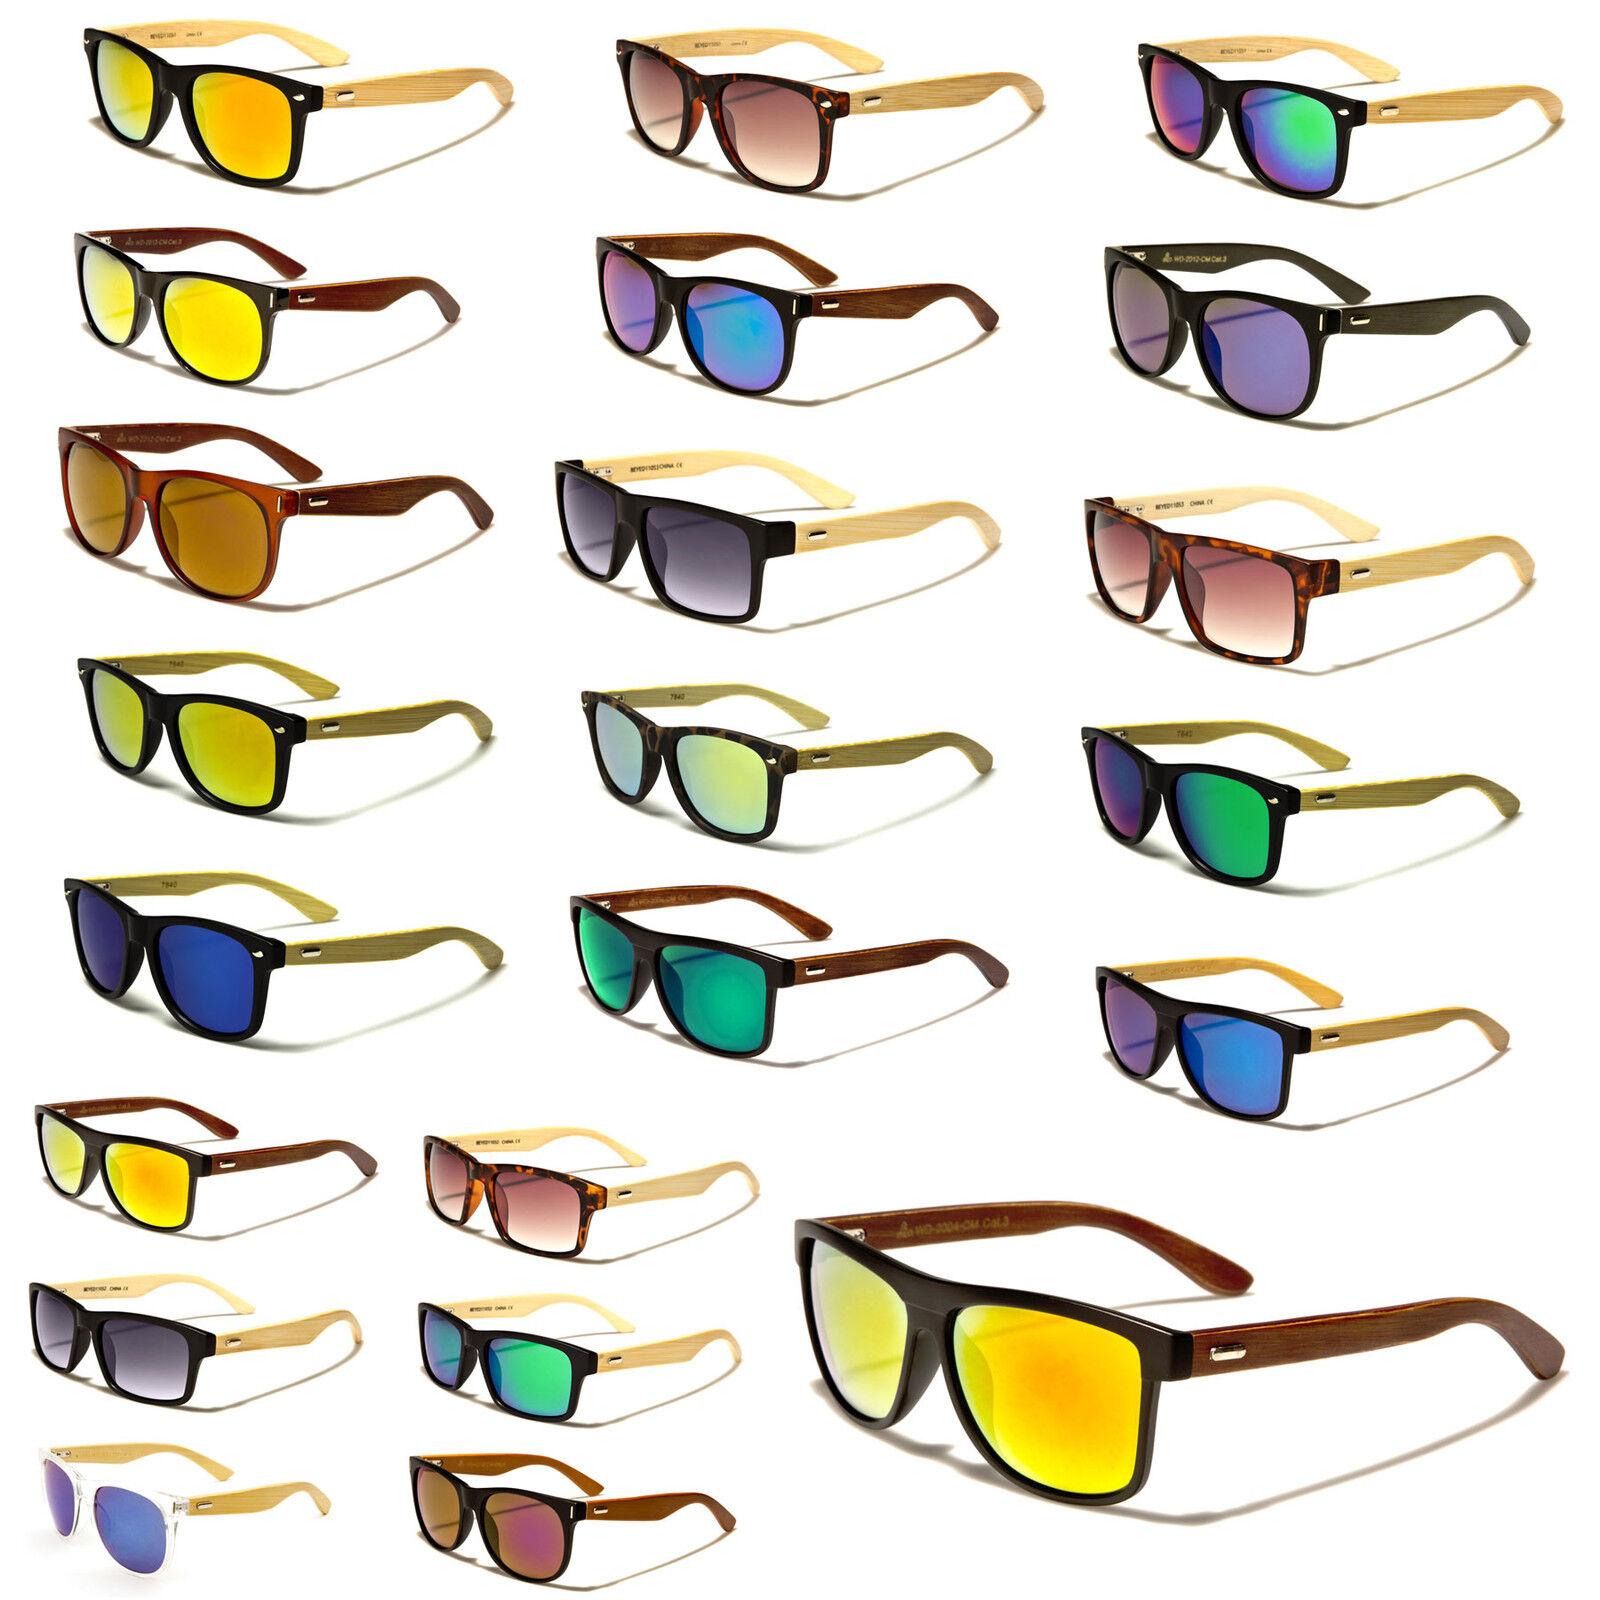 Wayfarer Bambus Holz Sonnenbrille Fashion Unisex 1/1 JOPQHQ1E7s